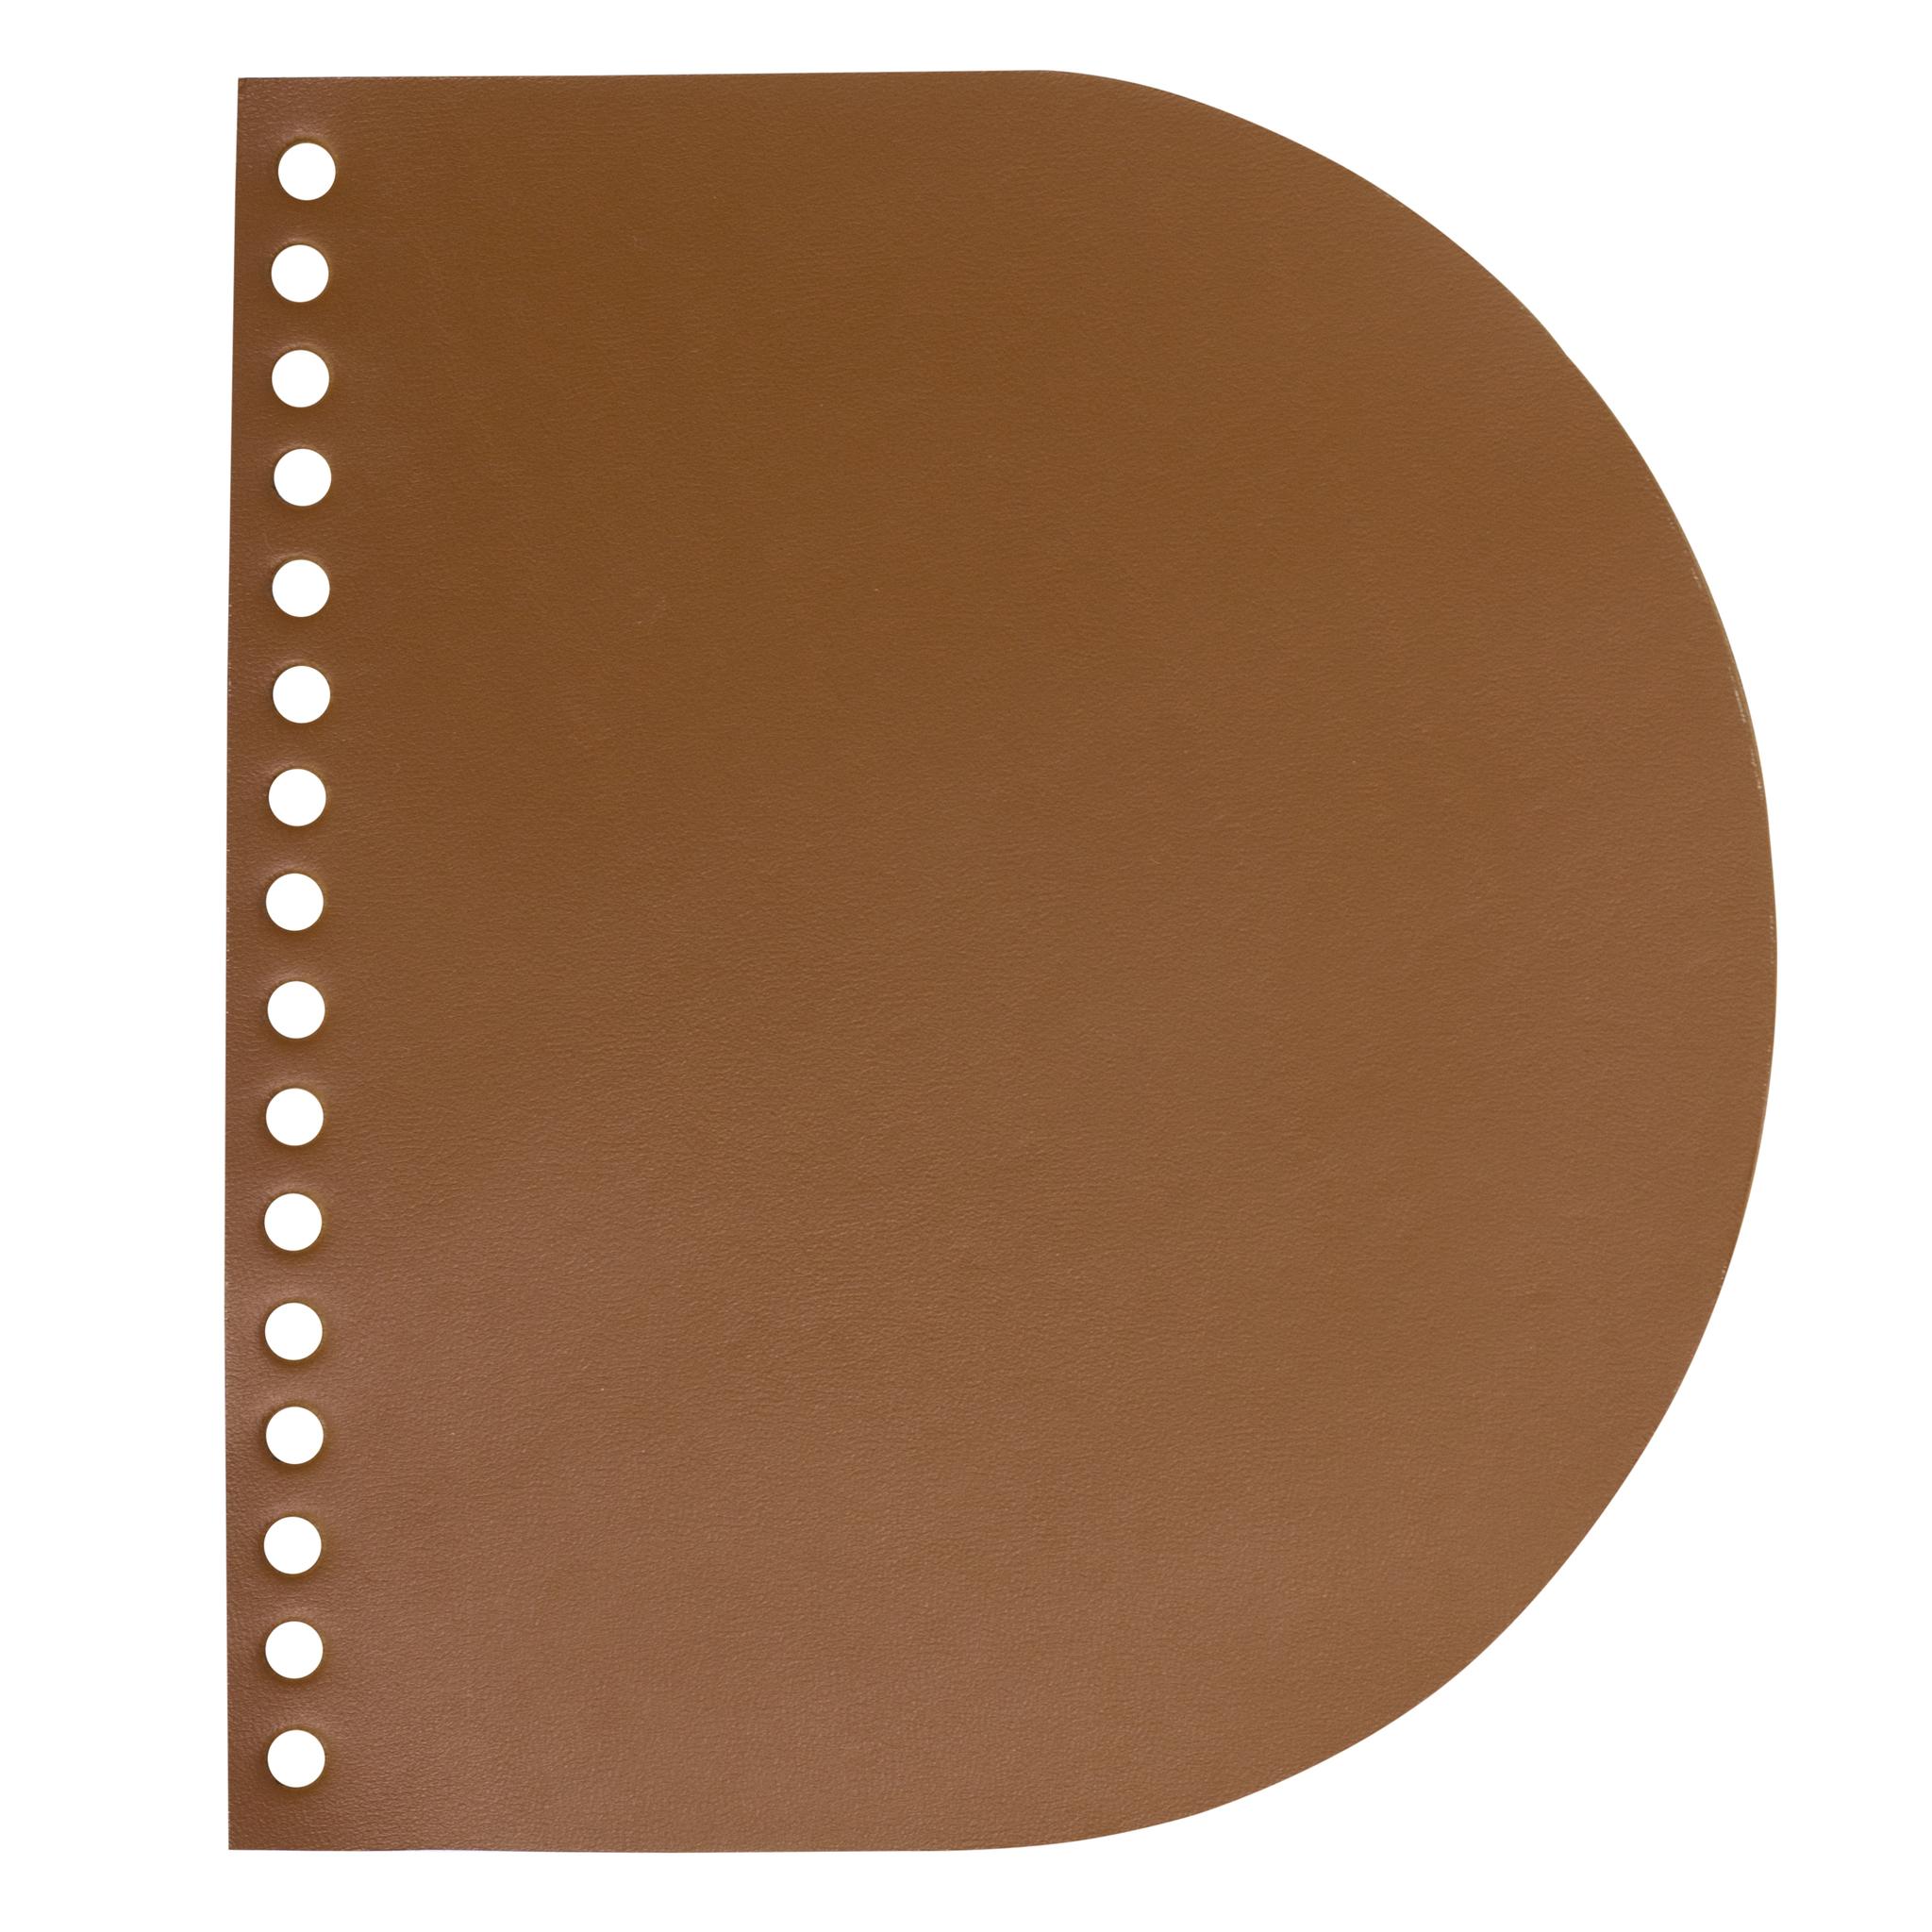 """Кожаная фурнитура Клапан для сумочки кожаный """"Какао"""" IMG_9746.jpg"""